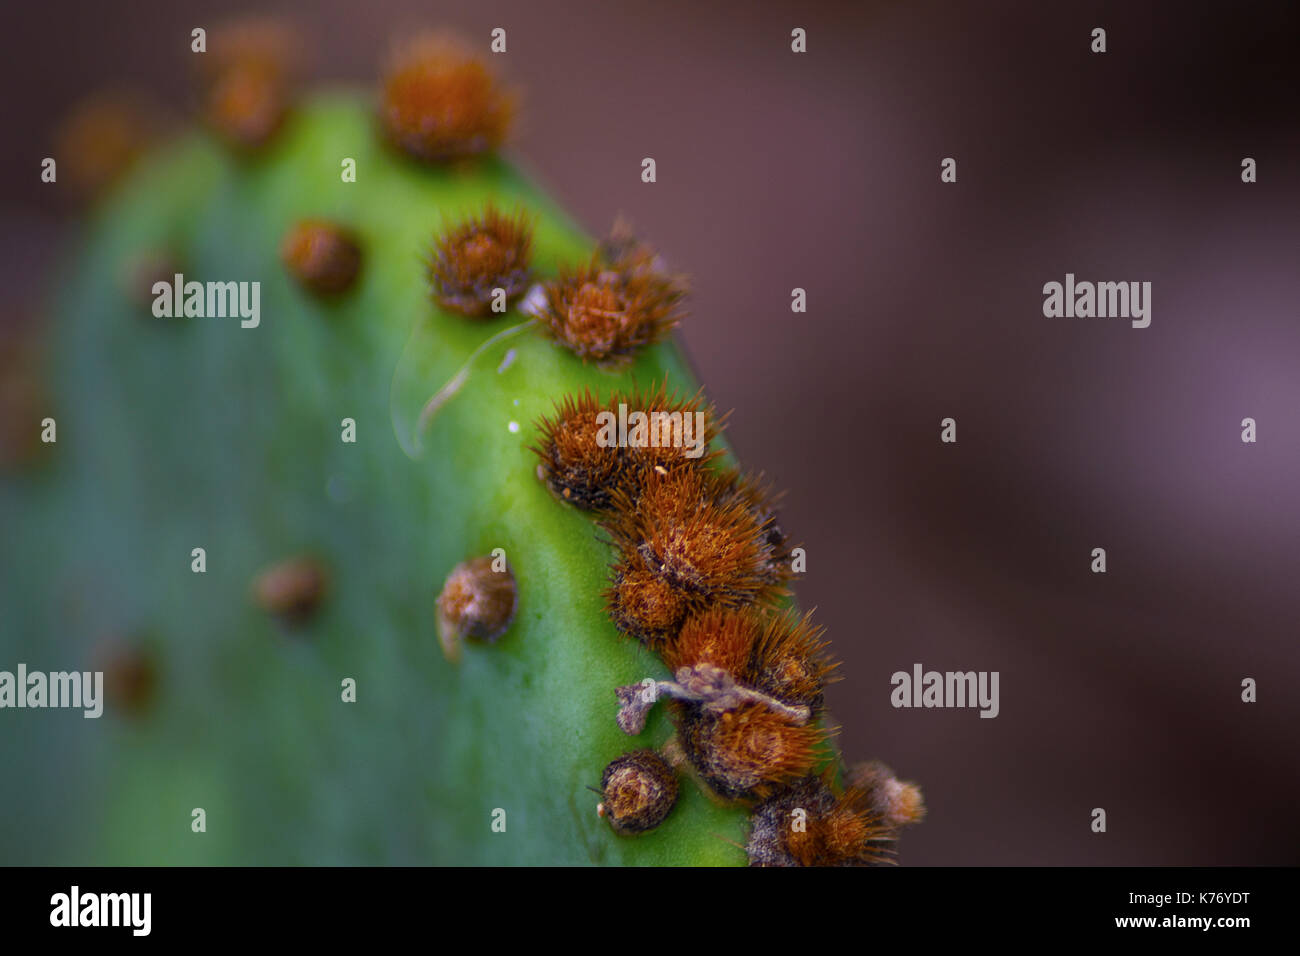 Makro Foto eines Feigenkakteen mit kleinen Nadeln am Lake Mineral Wells State Park Texas übernommen. Stockbild